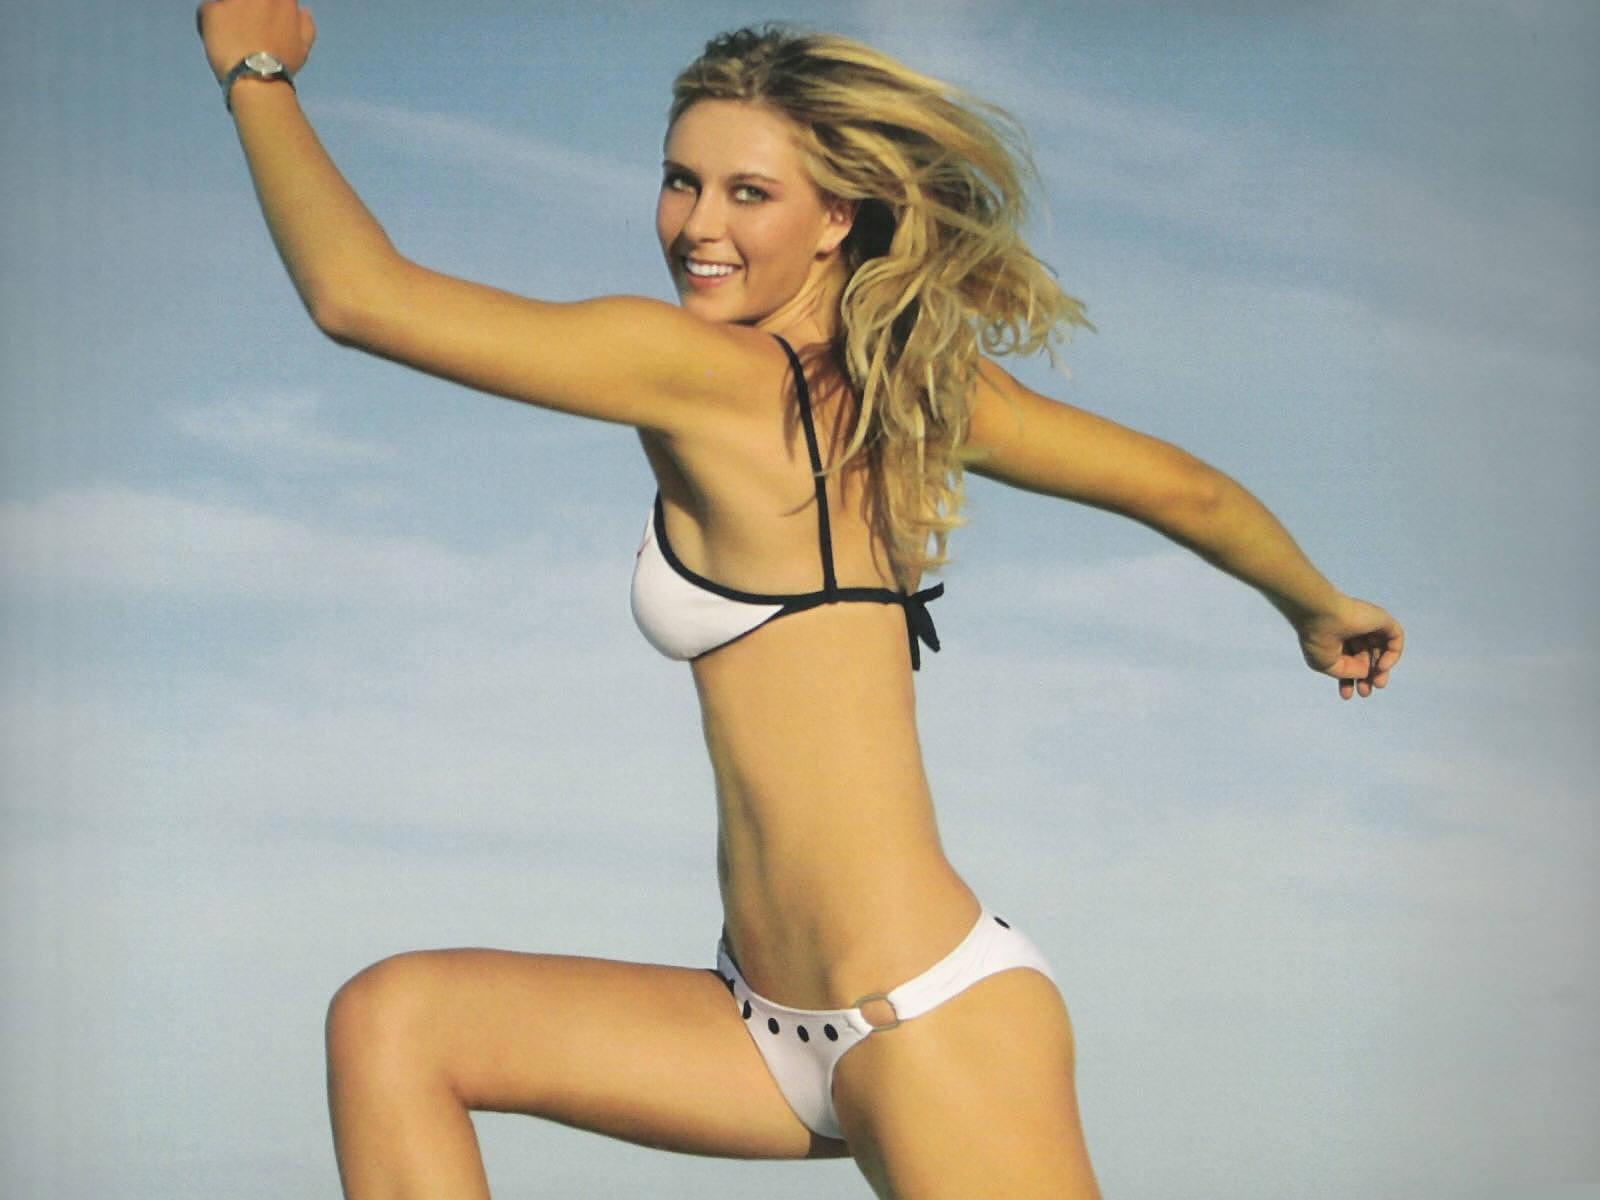 Maria Sharapova Bikini